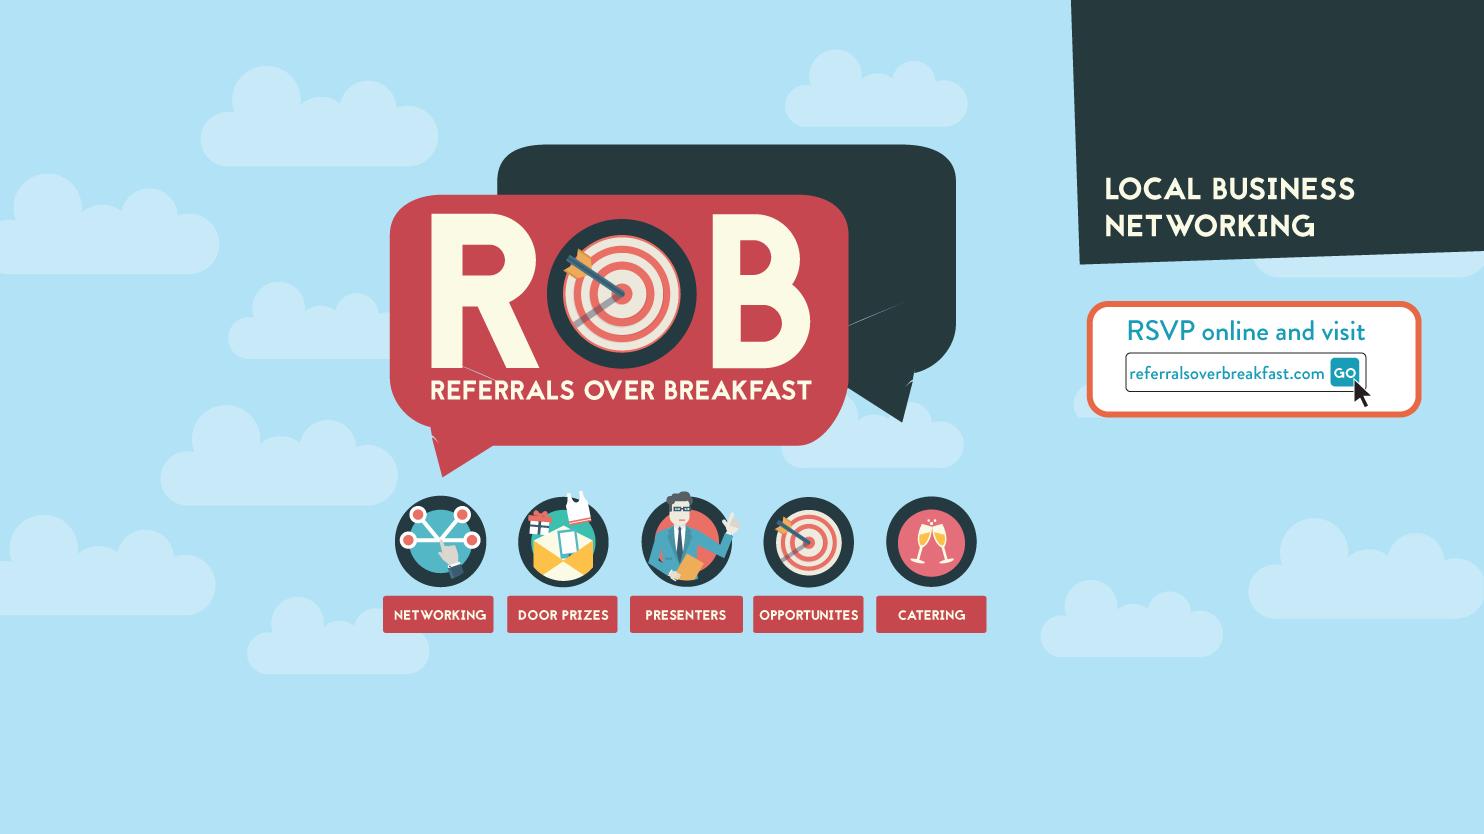 Referrals over Breakfast